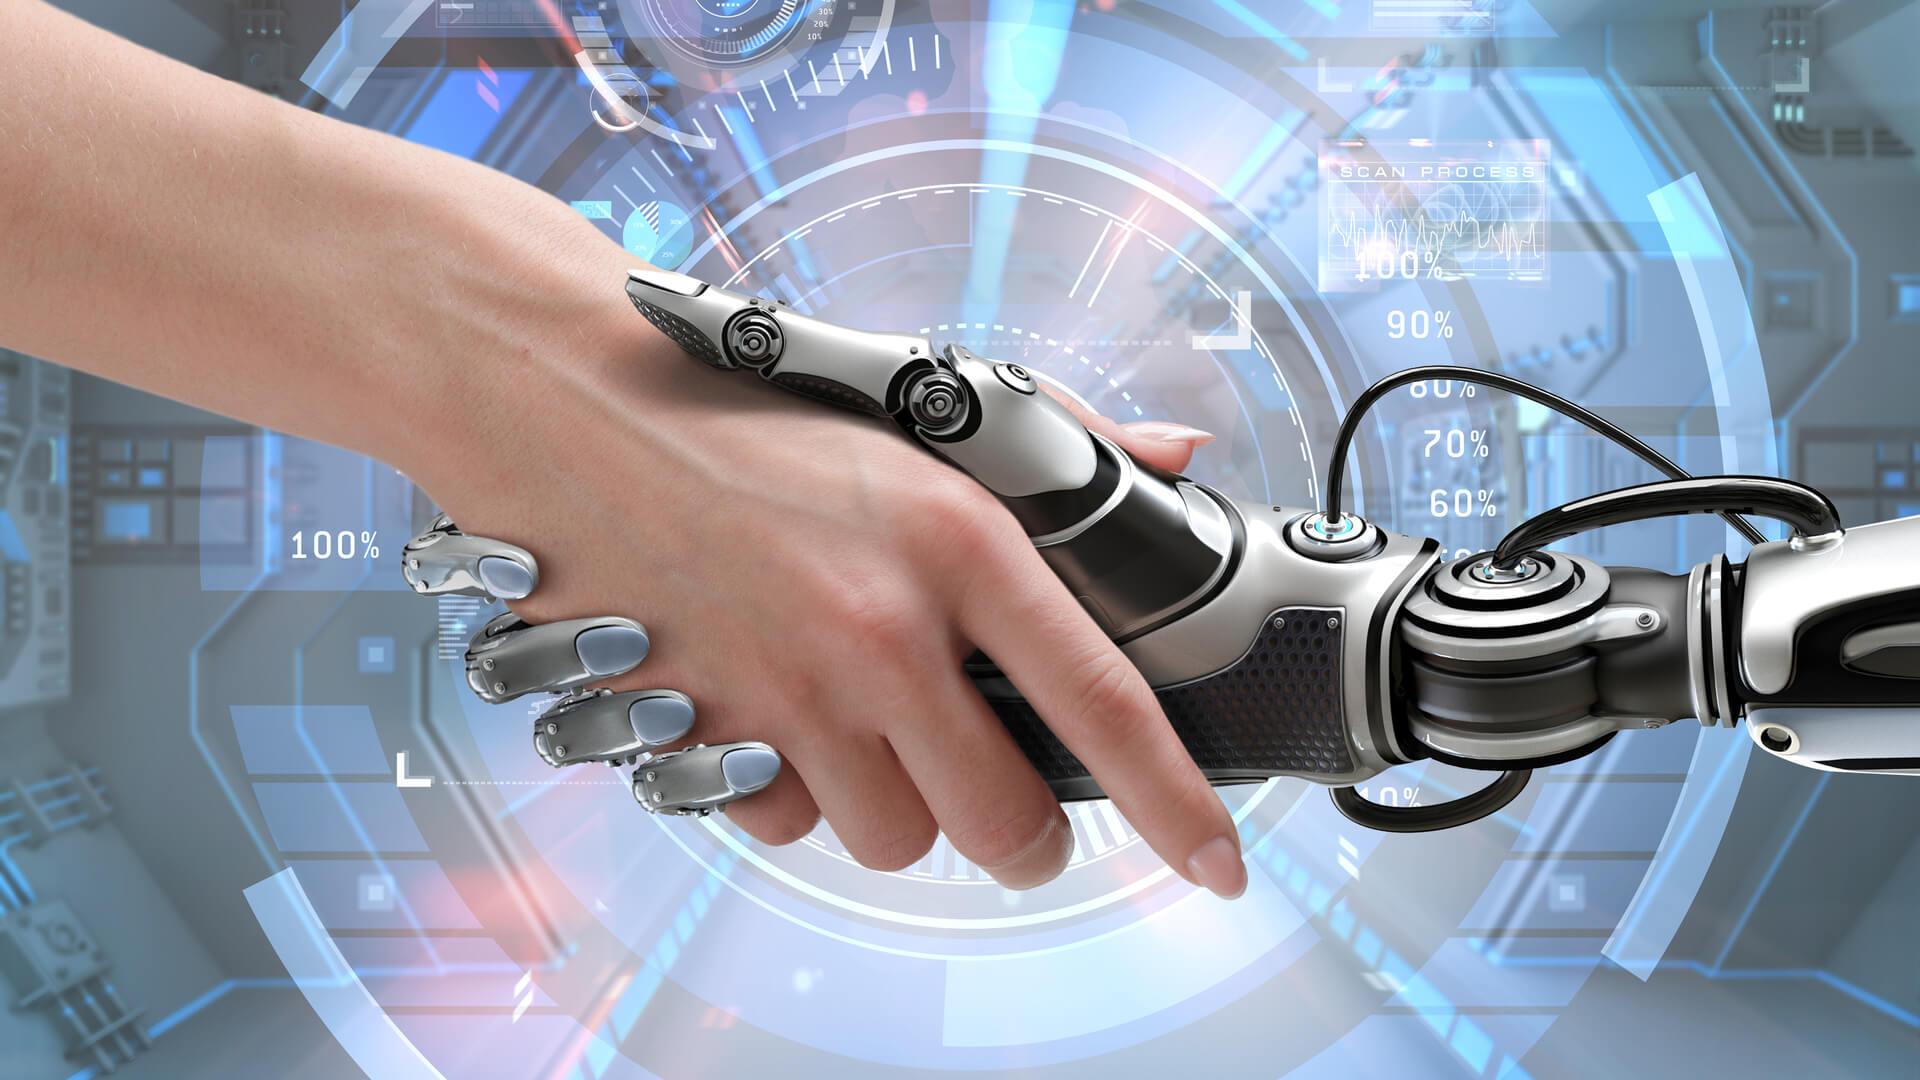 Loại bỏ con người khỏi quá trình học tập của robot là điều thực sự khó khăn